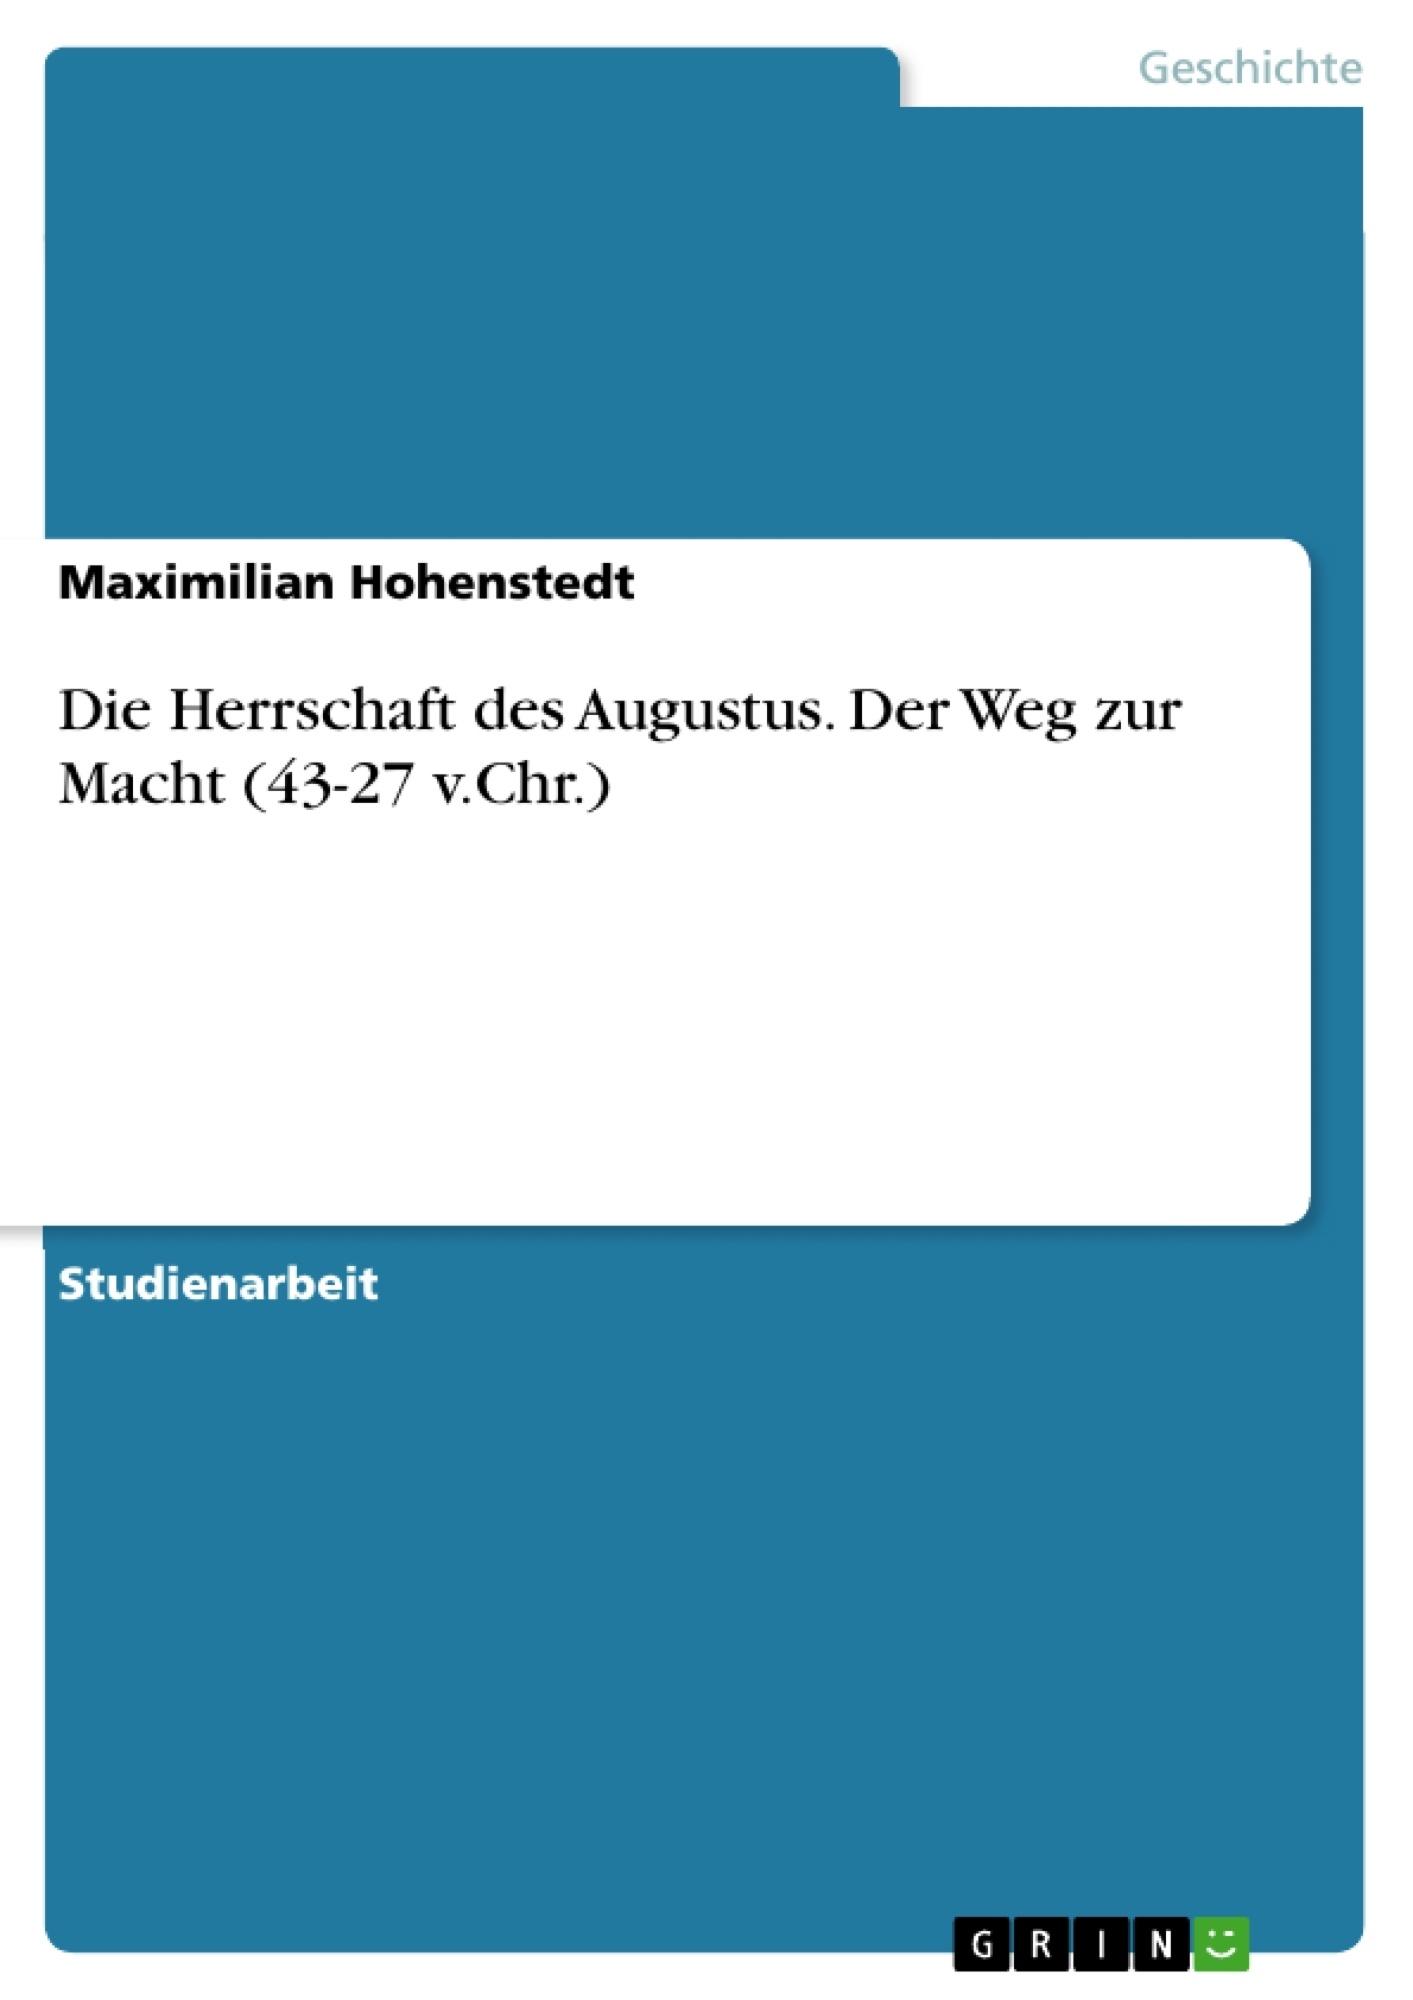 Titel: Die Herrschaft des Augustus. Der Weg zur Macht (43-27 v.Chr.)